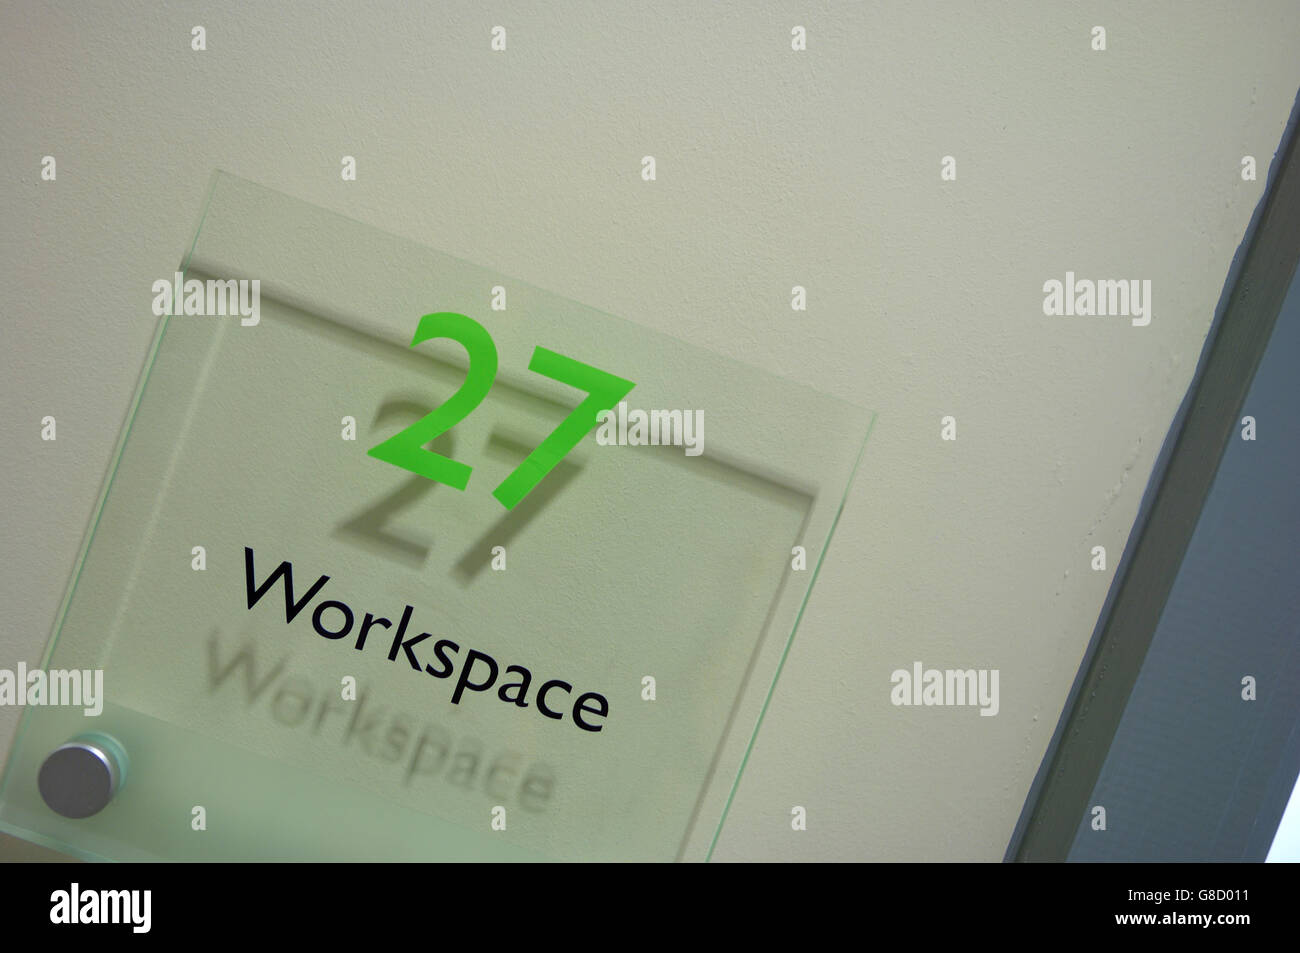 Arbeitsbereich kleine Geschäftsräume. England Stockfoto